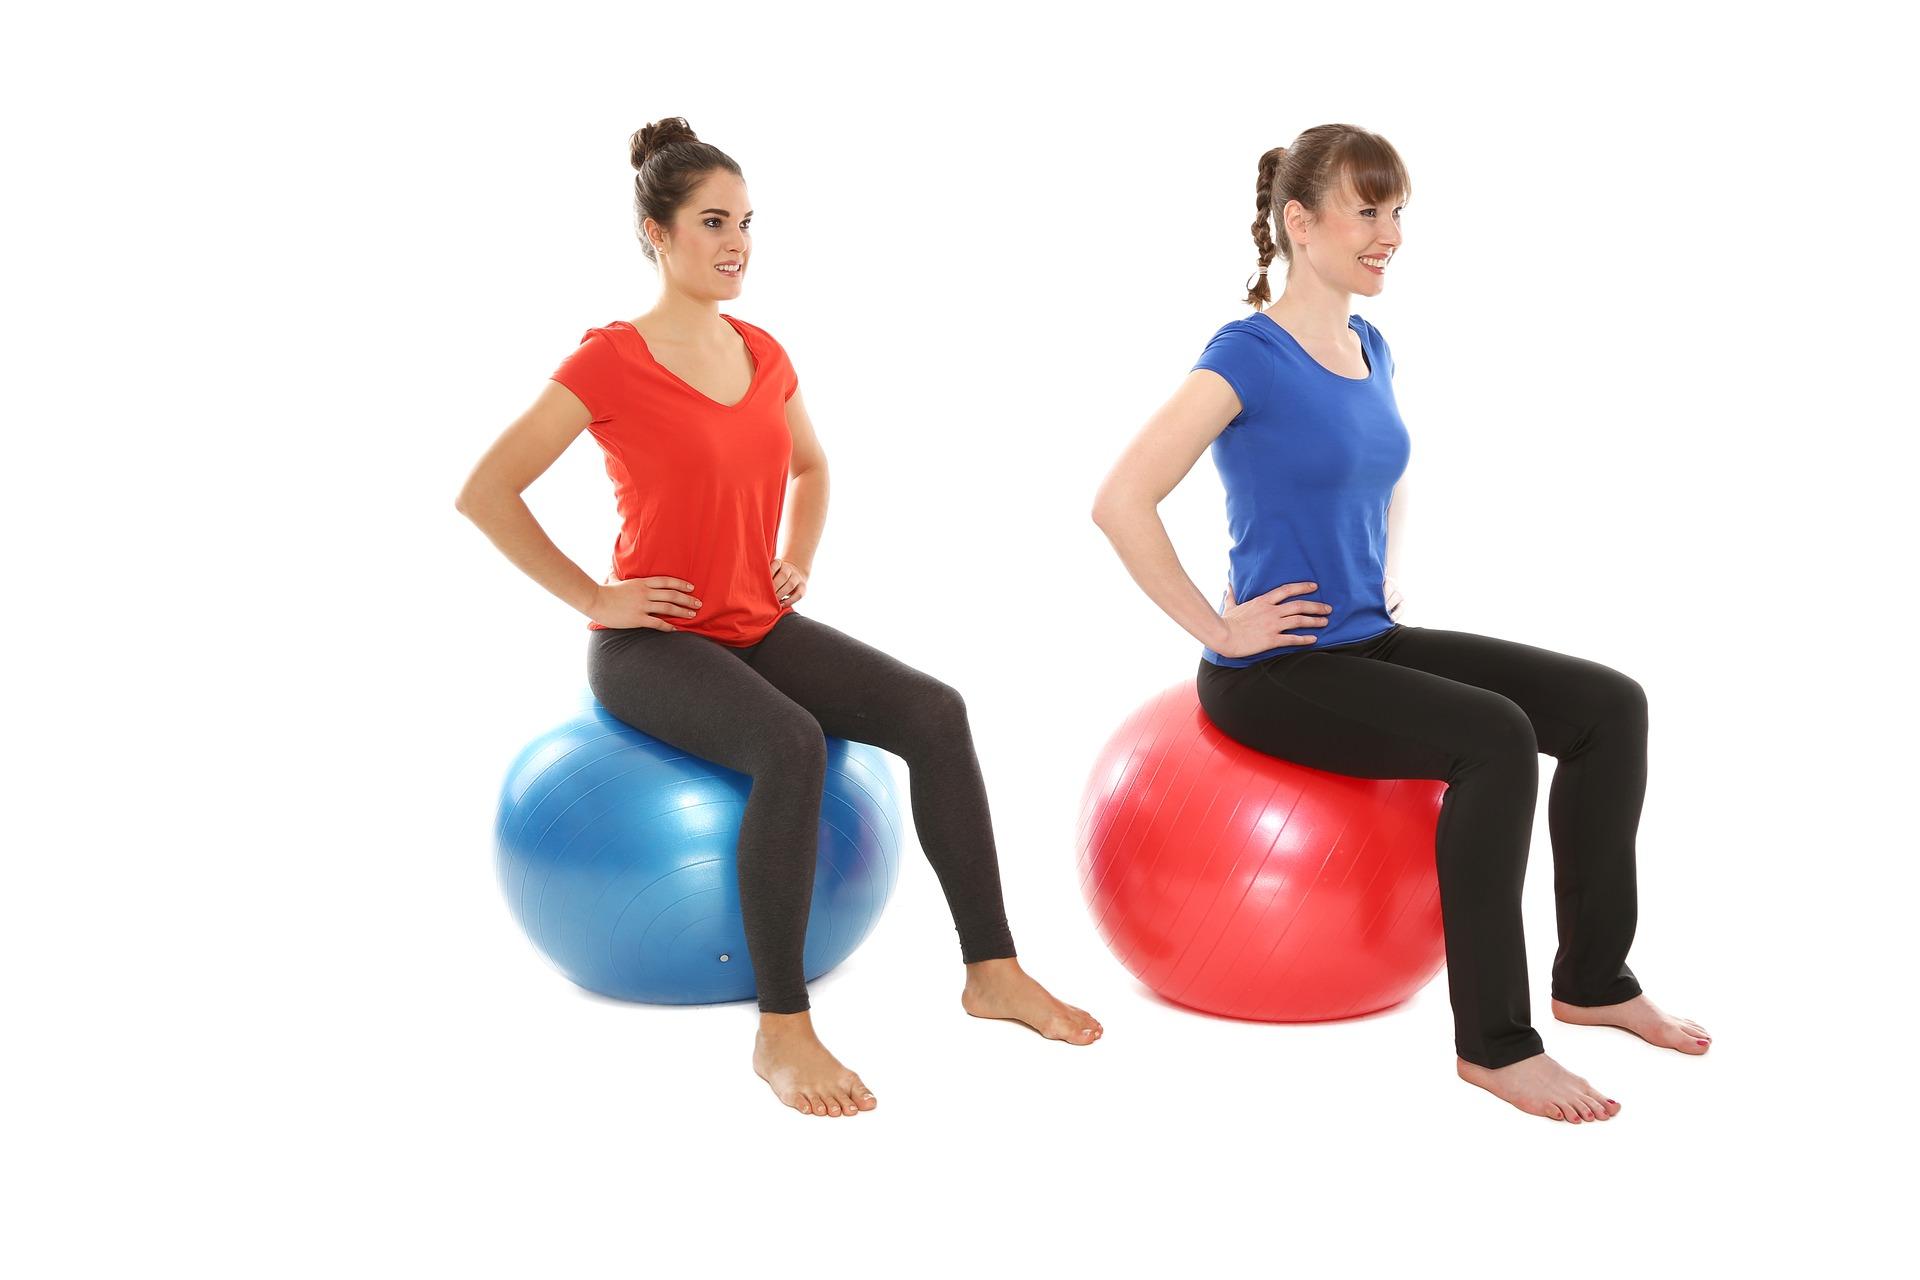 zwei junge frauen machen gymnastik auf einem Ball